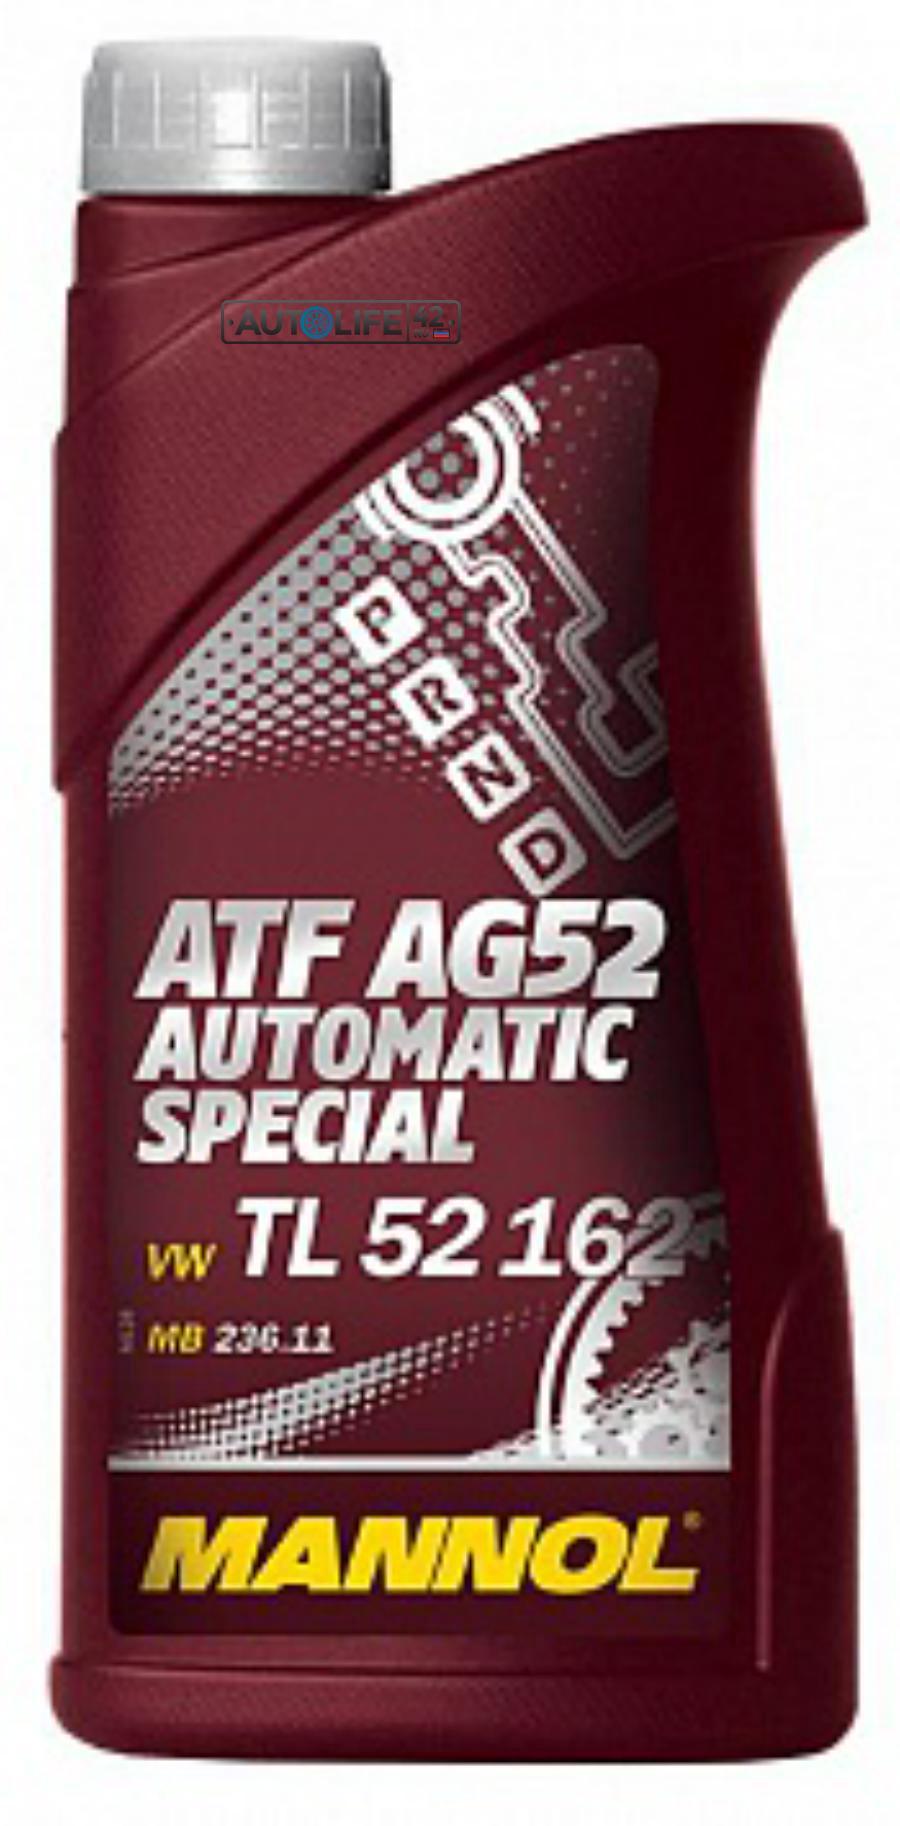 Масло трансмиссионное полусинтетическое Automatc Special ATF AG52, 1л